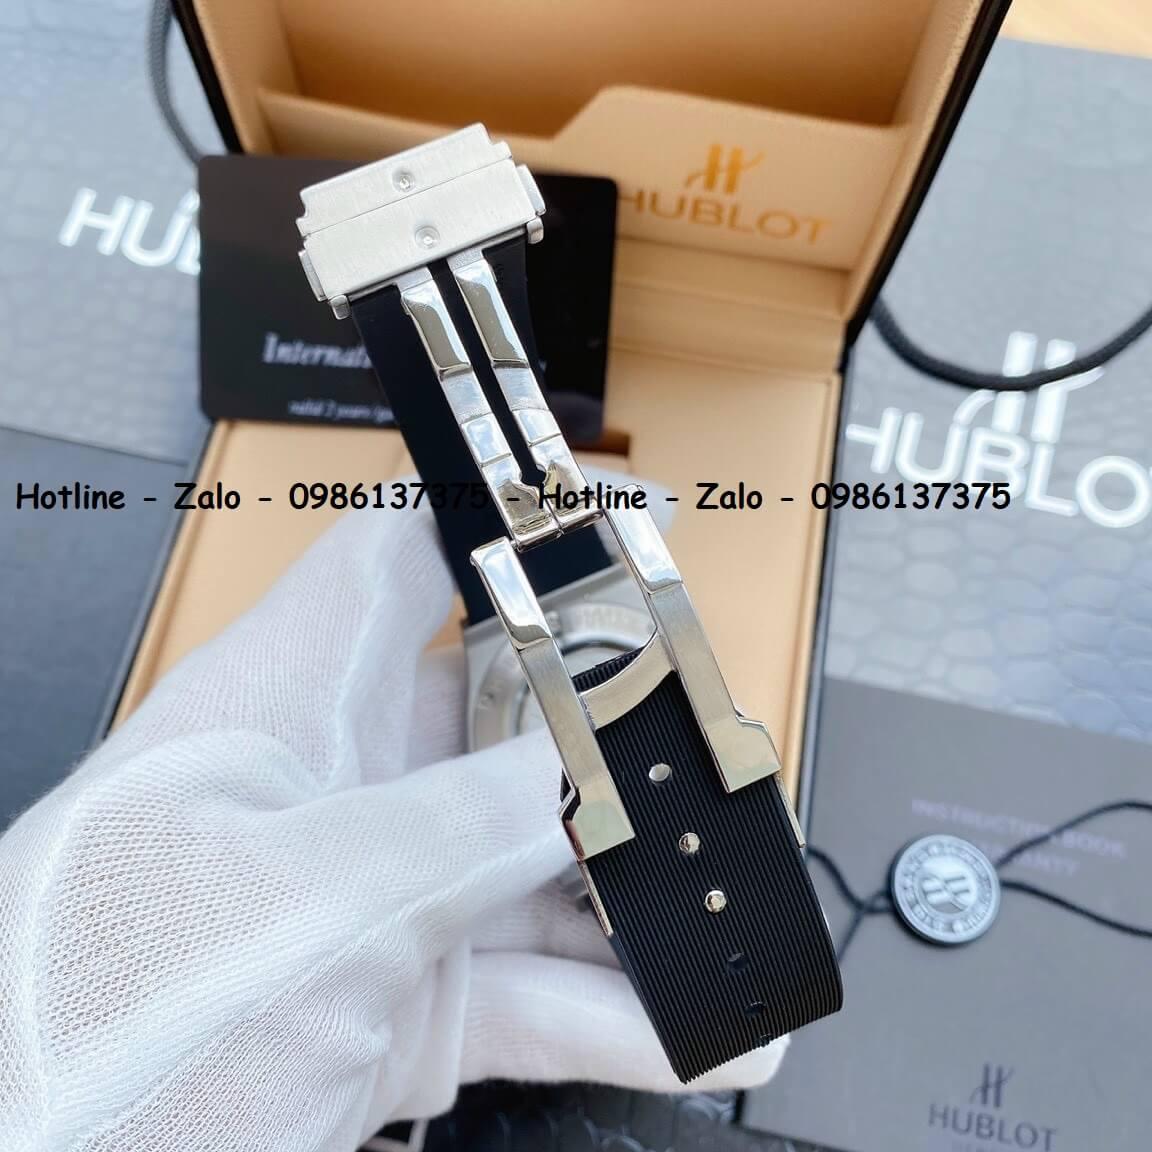 Đồng Hồ Hublot Automatic Nam Siêu Cấp Dây Silicon Đen 42mm